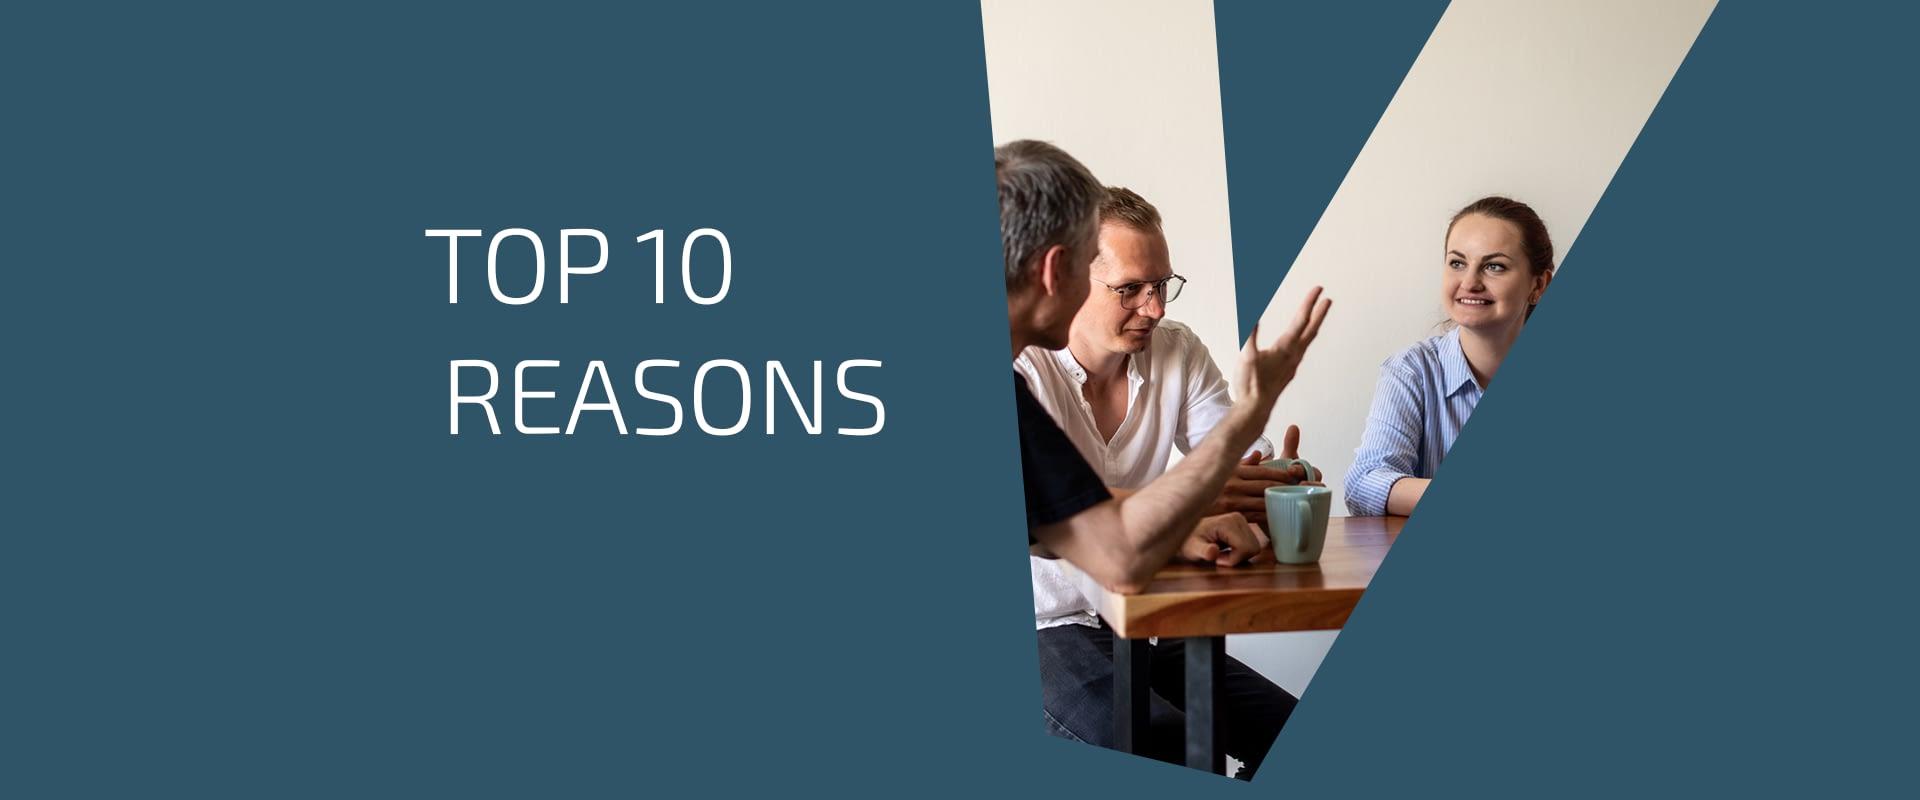 TOP-TEN-REASONS_EN_1